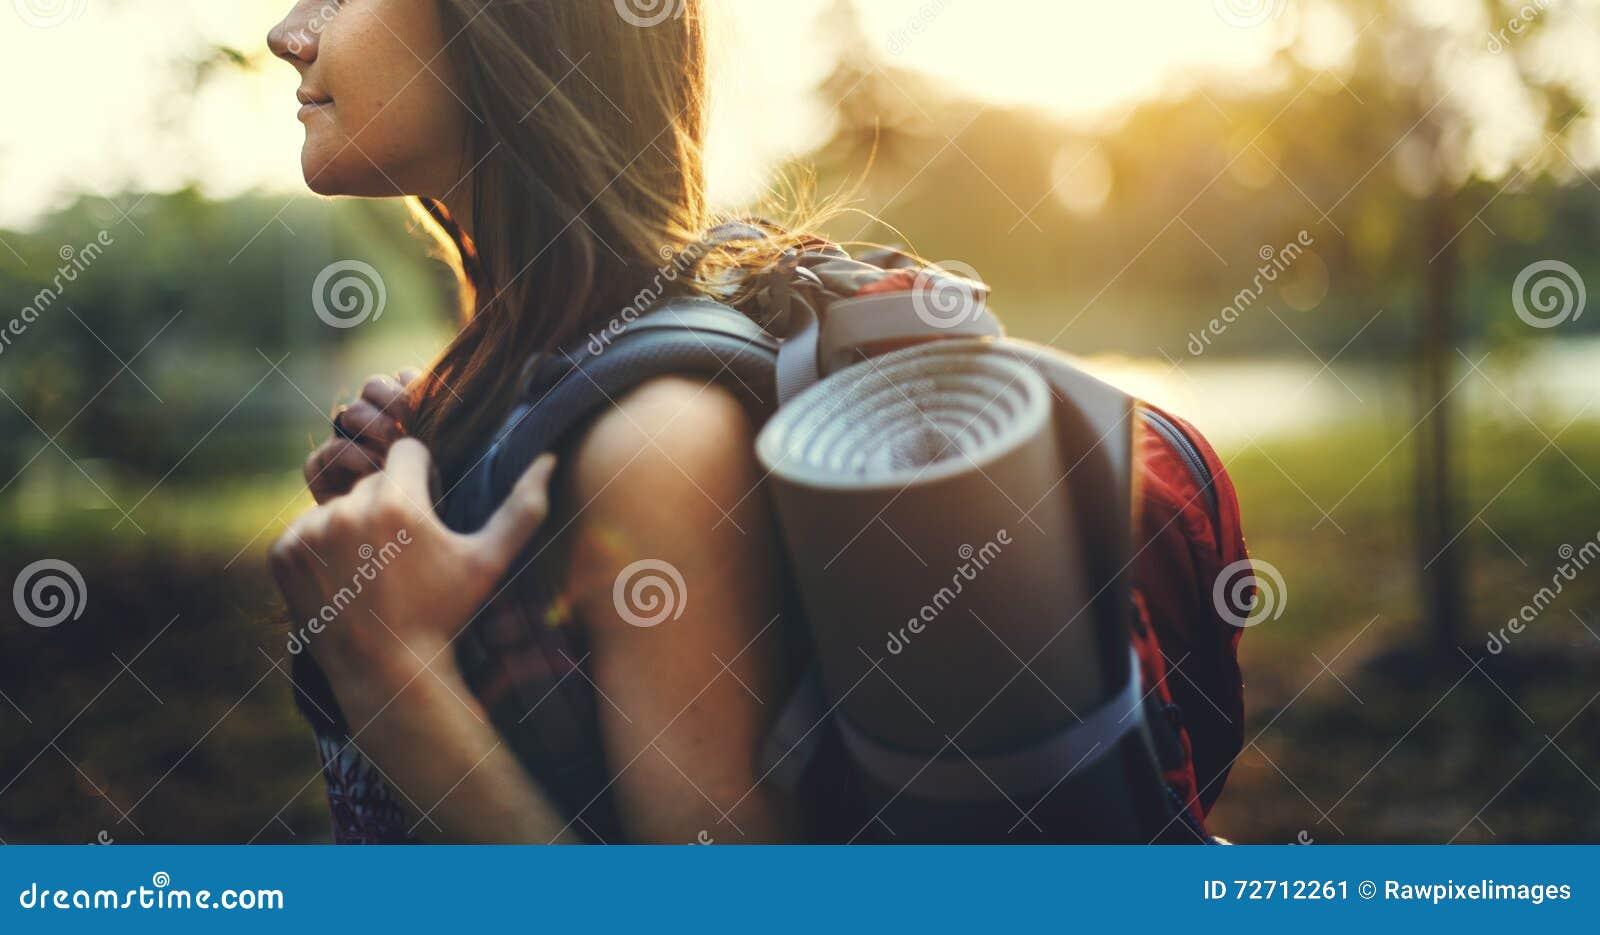 Conceito da viagem da natureza do estilo de vida do viajante do pombo do desejo por viajar